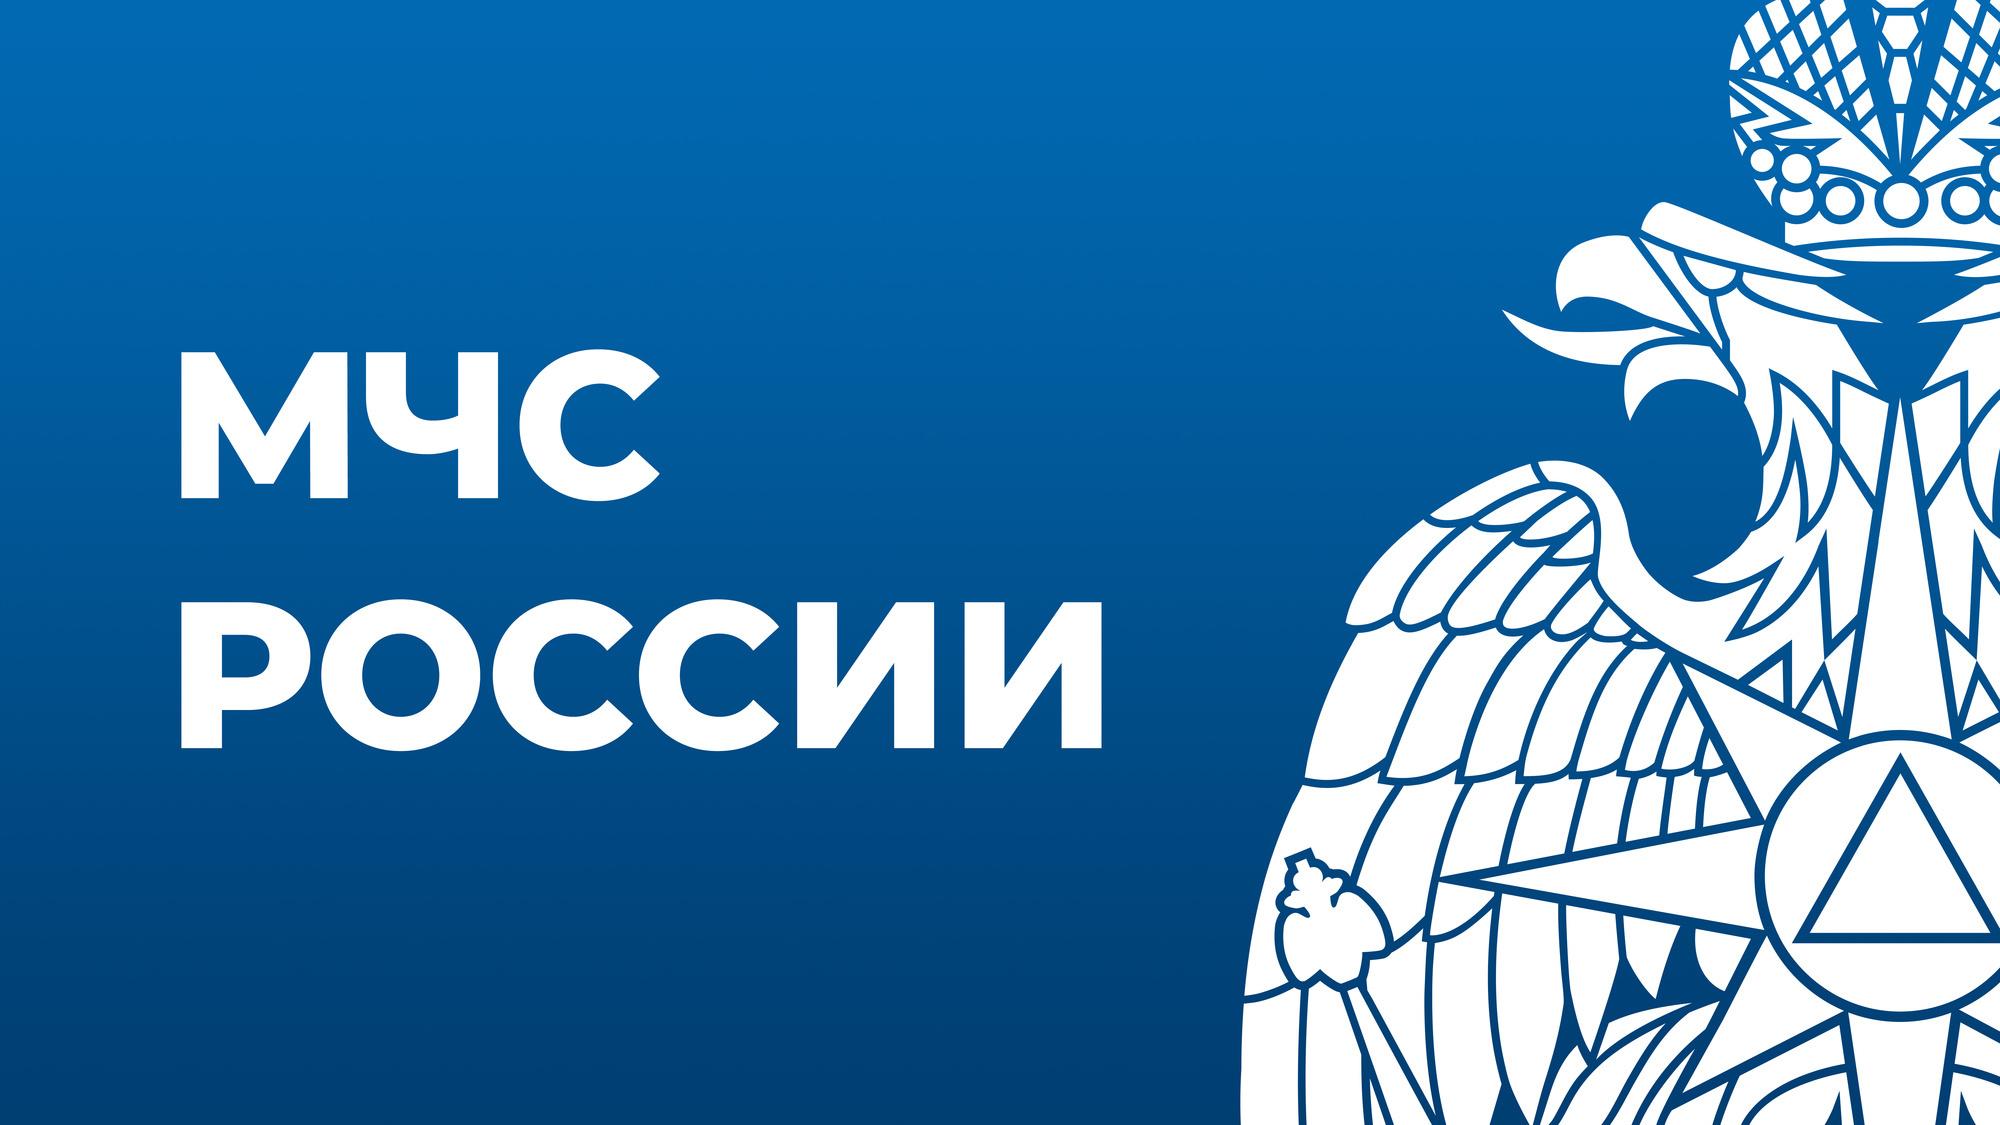 Нарушение  электроснабжения  02.08.2021 МО Крымский район, г. Крымск